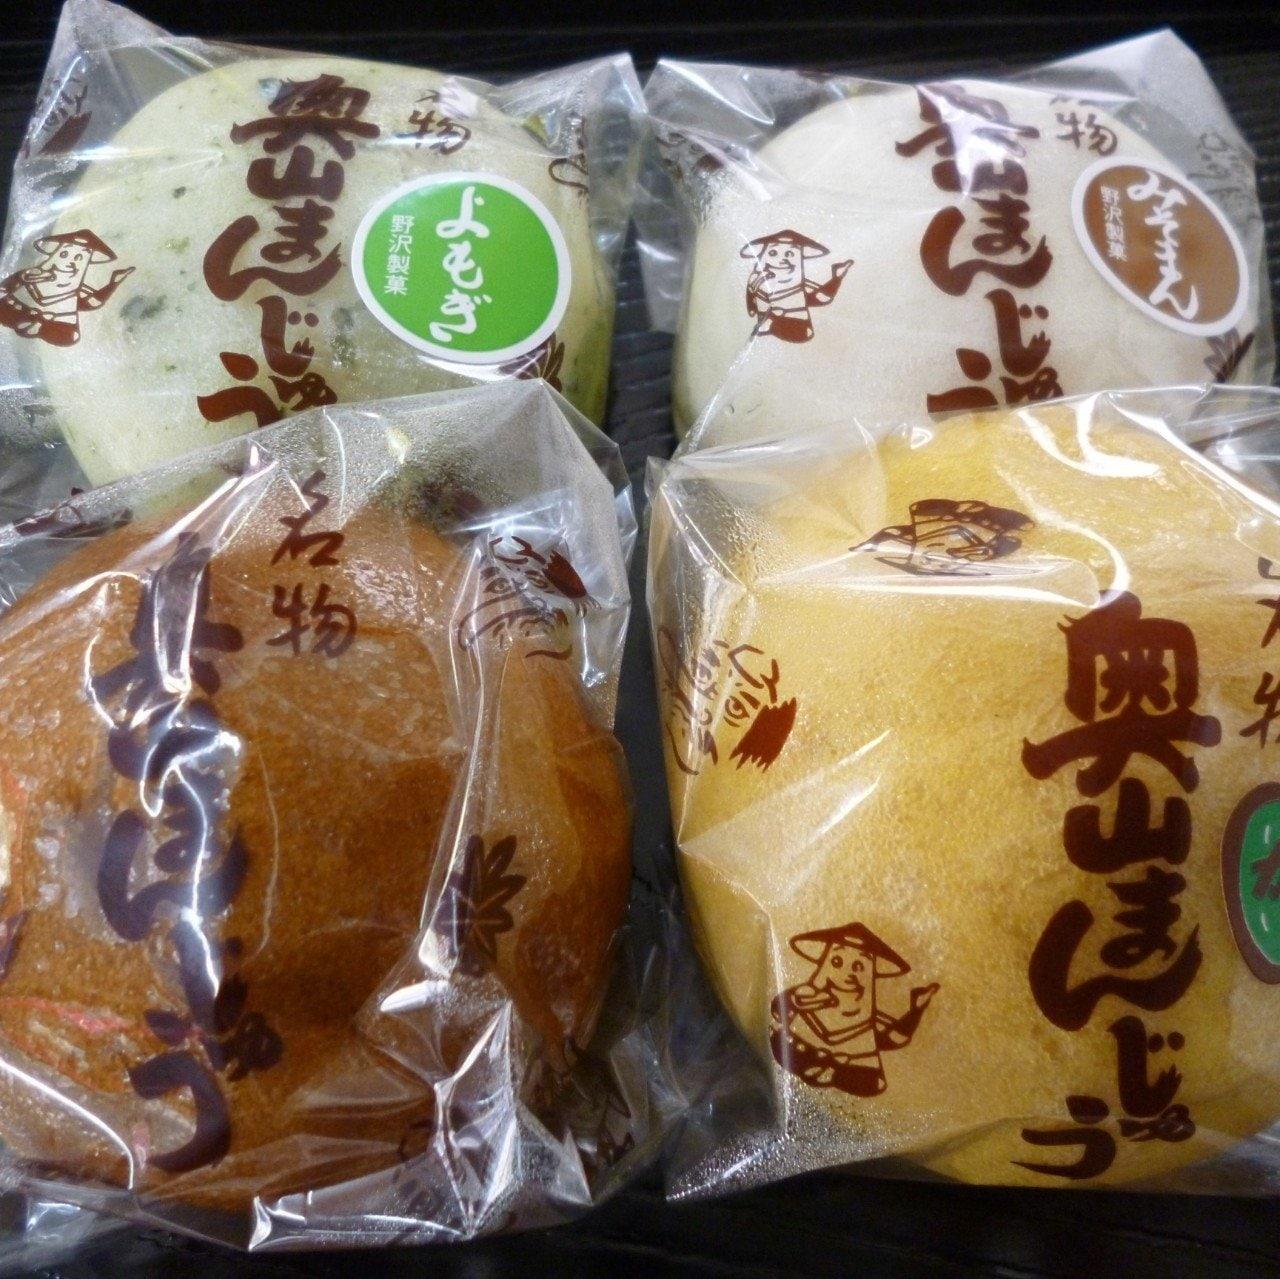 (有)野沢製菓(のざわせいか)/✿半僧坊の厄除けとして丁寧に手焼きされた1品。懐かしの味大あんまき!/いなさマップ「45」のイメージその3